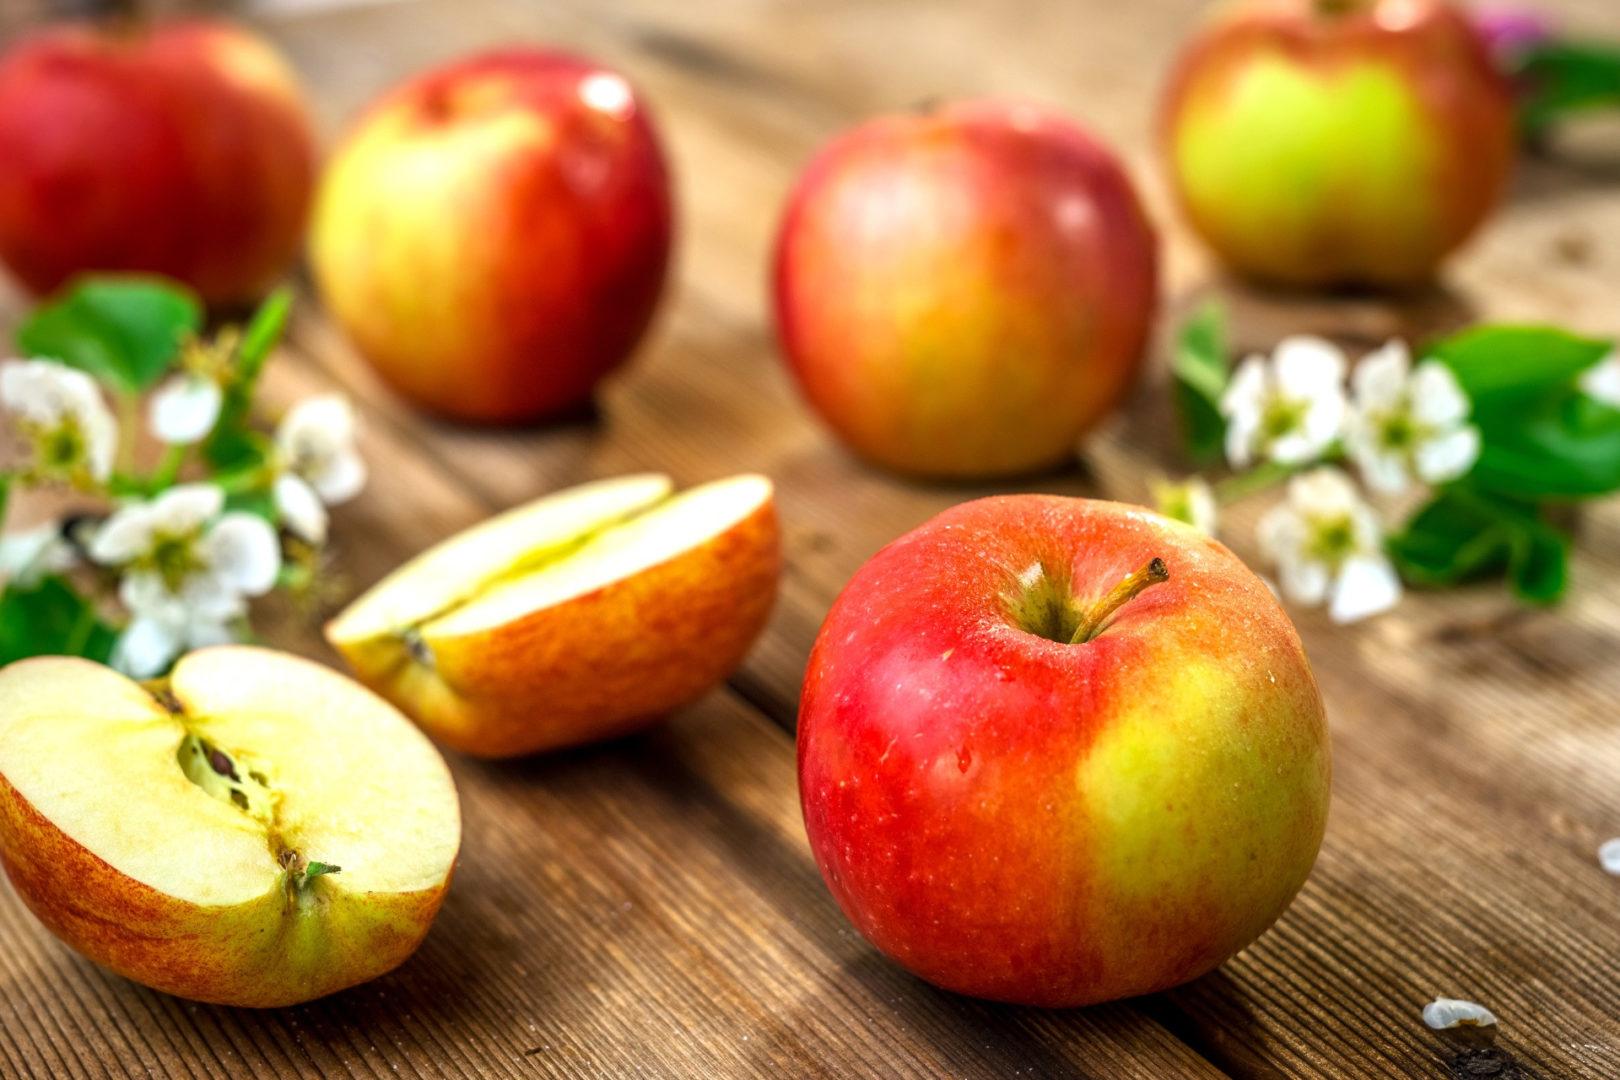 τροφές που ρίχνουν τη χοληστερίνη - apples - 6+1 τροφές που ρίχνουν τη χοληστερίνη